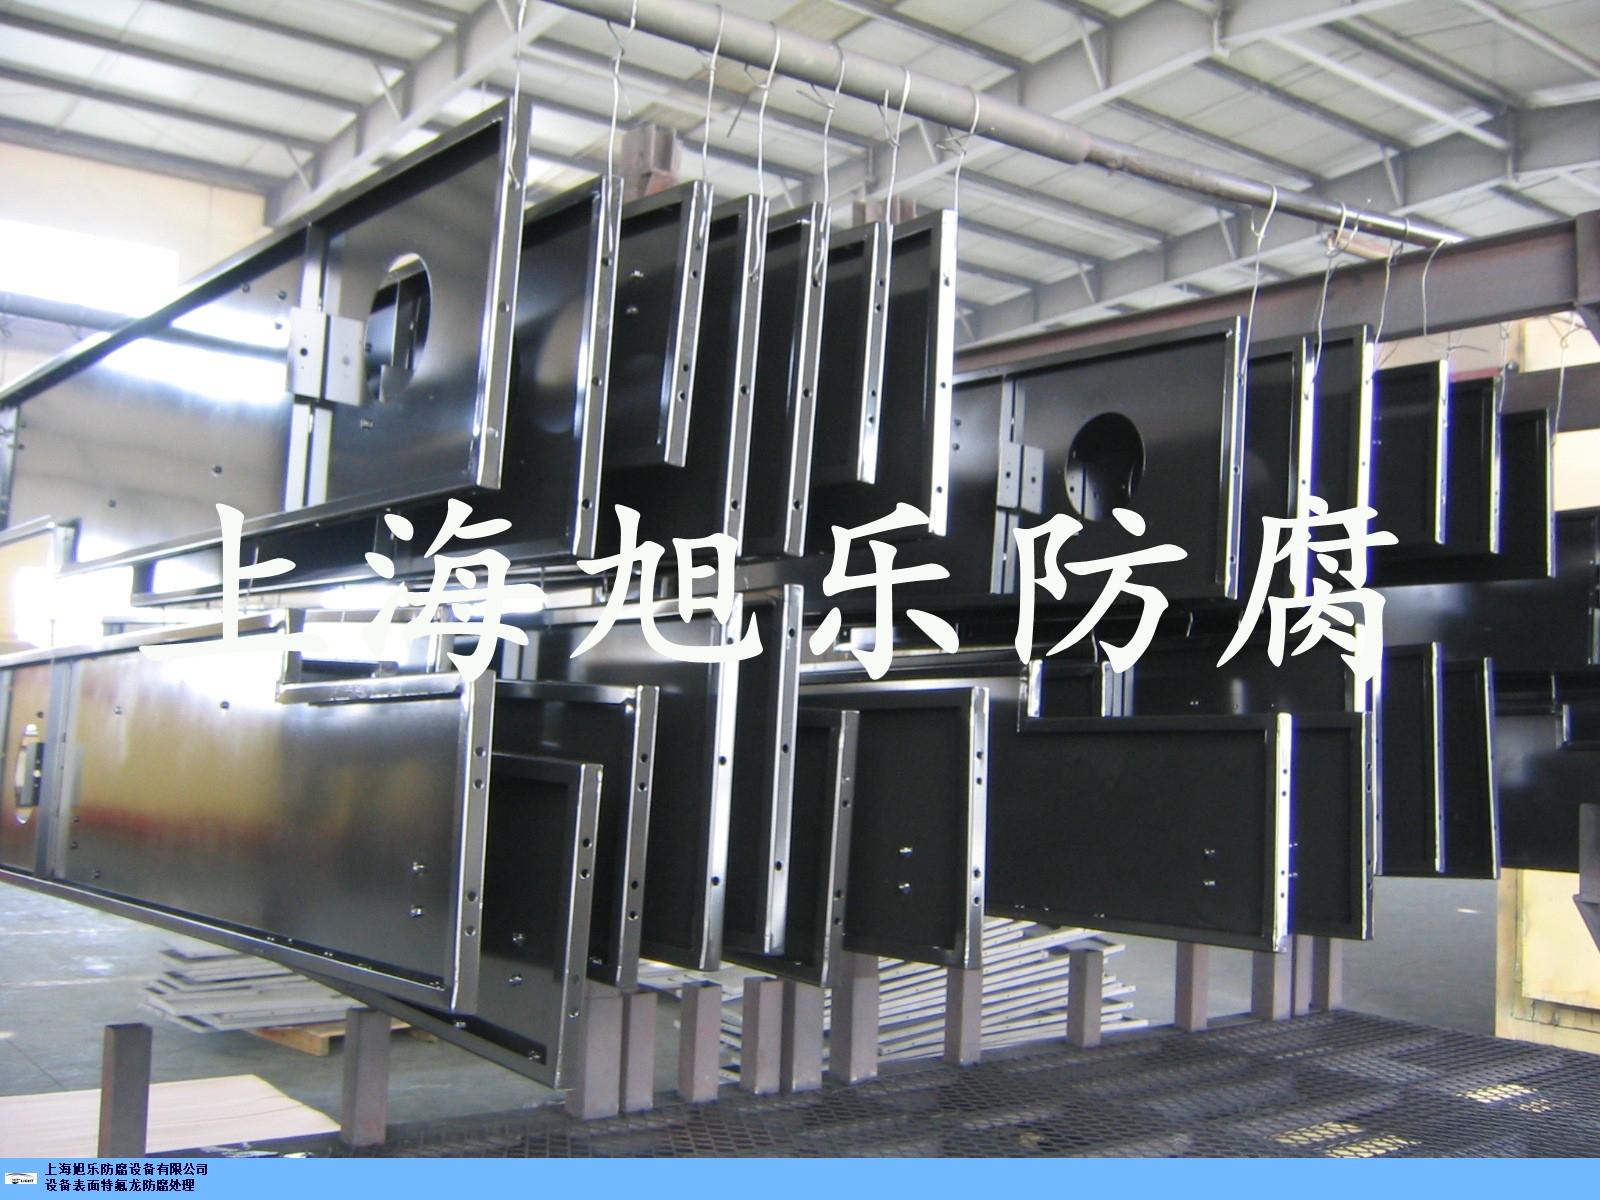 上海(hai)鐵氟龍噴涂(tu)廠家值得信賴企業 誠(cheng)信經(jing)營「上海(hai)旭樂防腐設備供(gong)應」